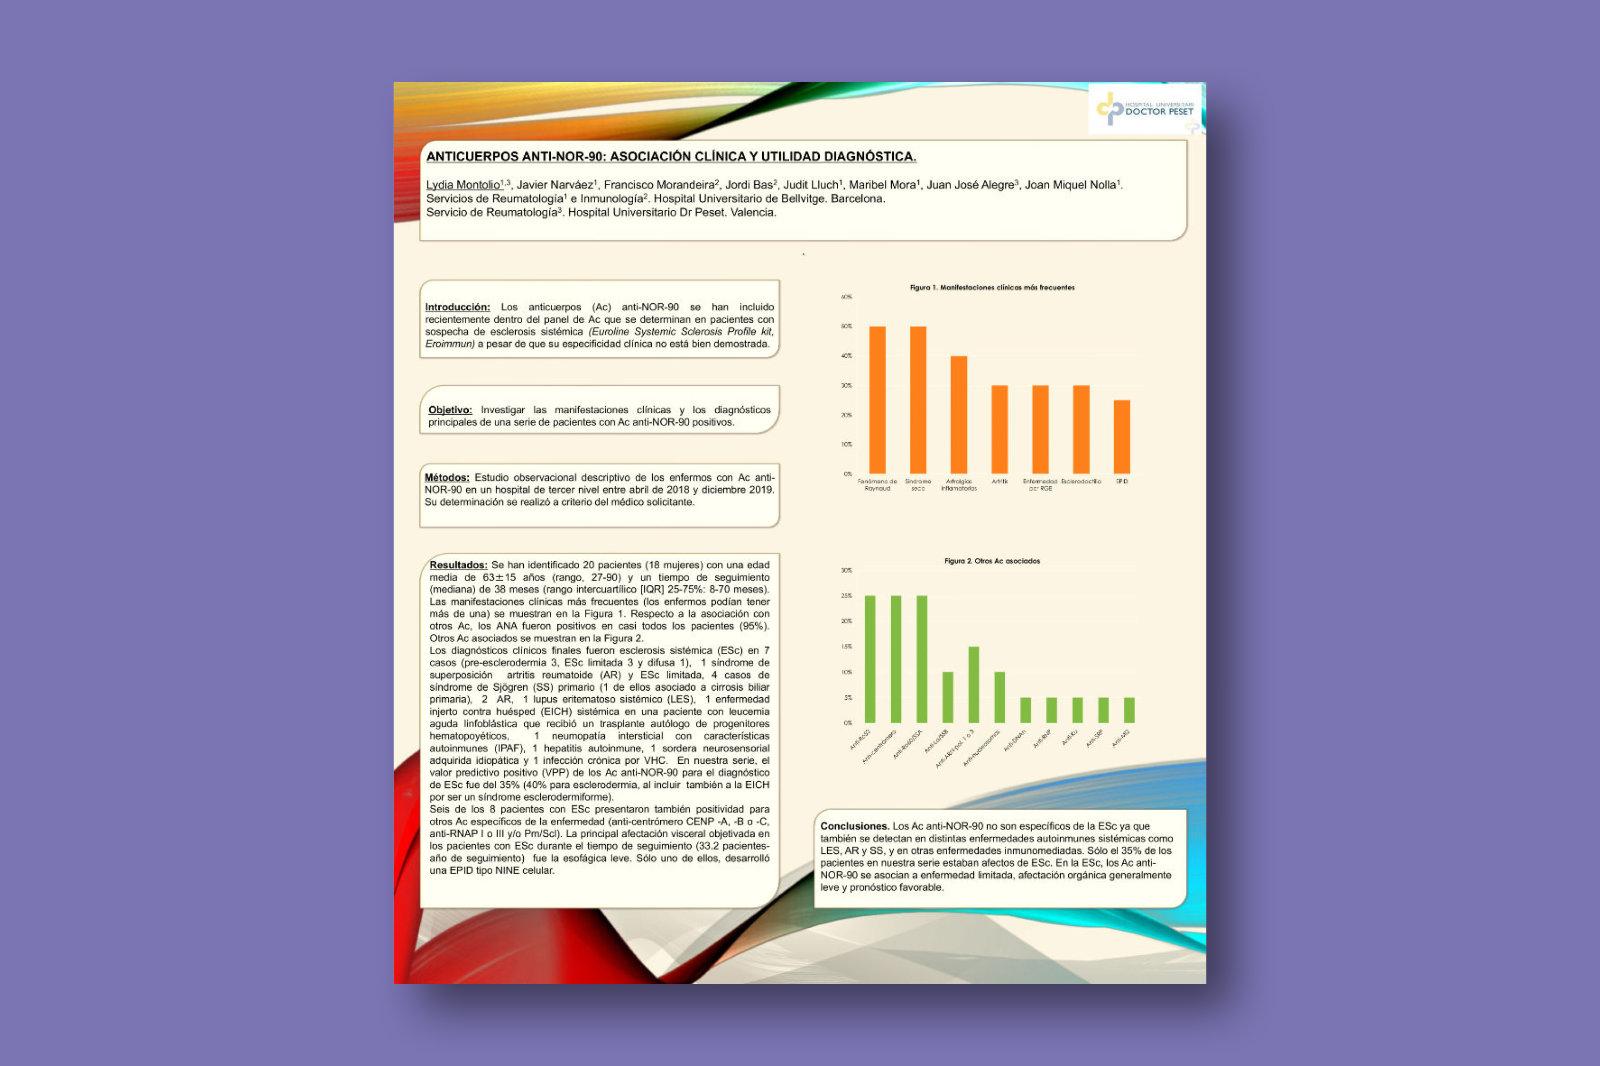 Anticuerpos anti-NOR-90: asociación clínica y utilidad diagnóstica